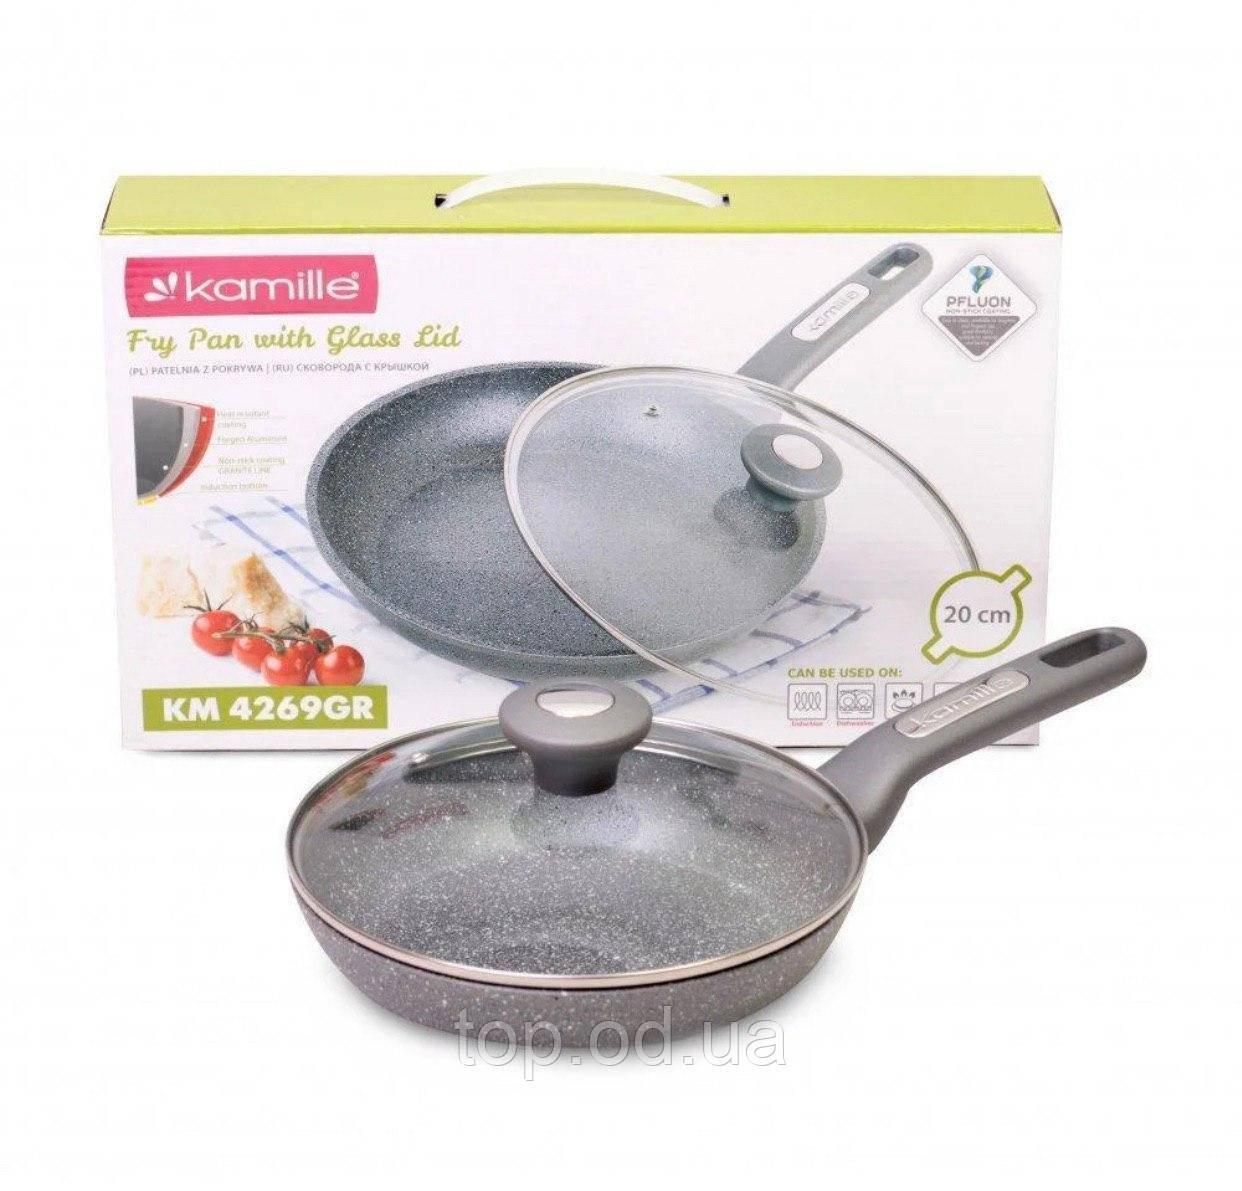 Сковорода покрытие гранит 20 см Kamille 4269GR